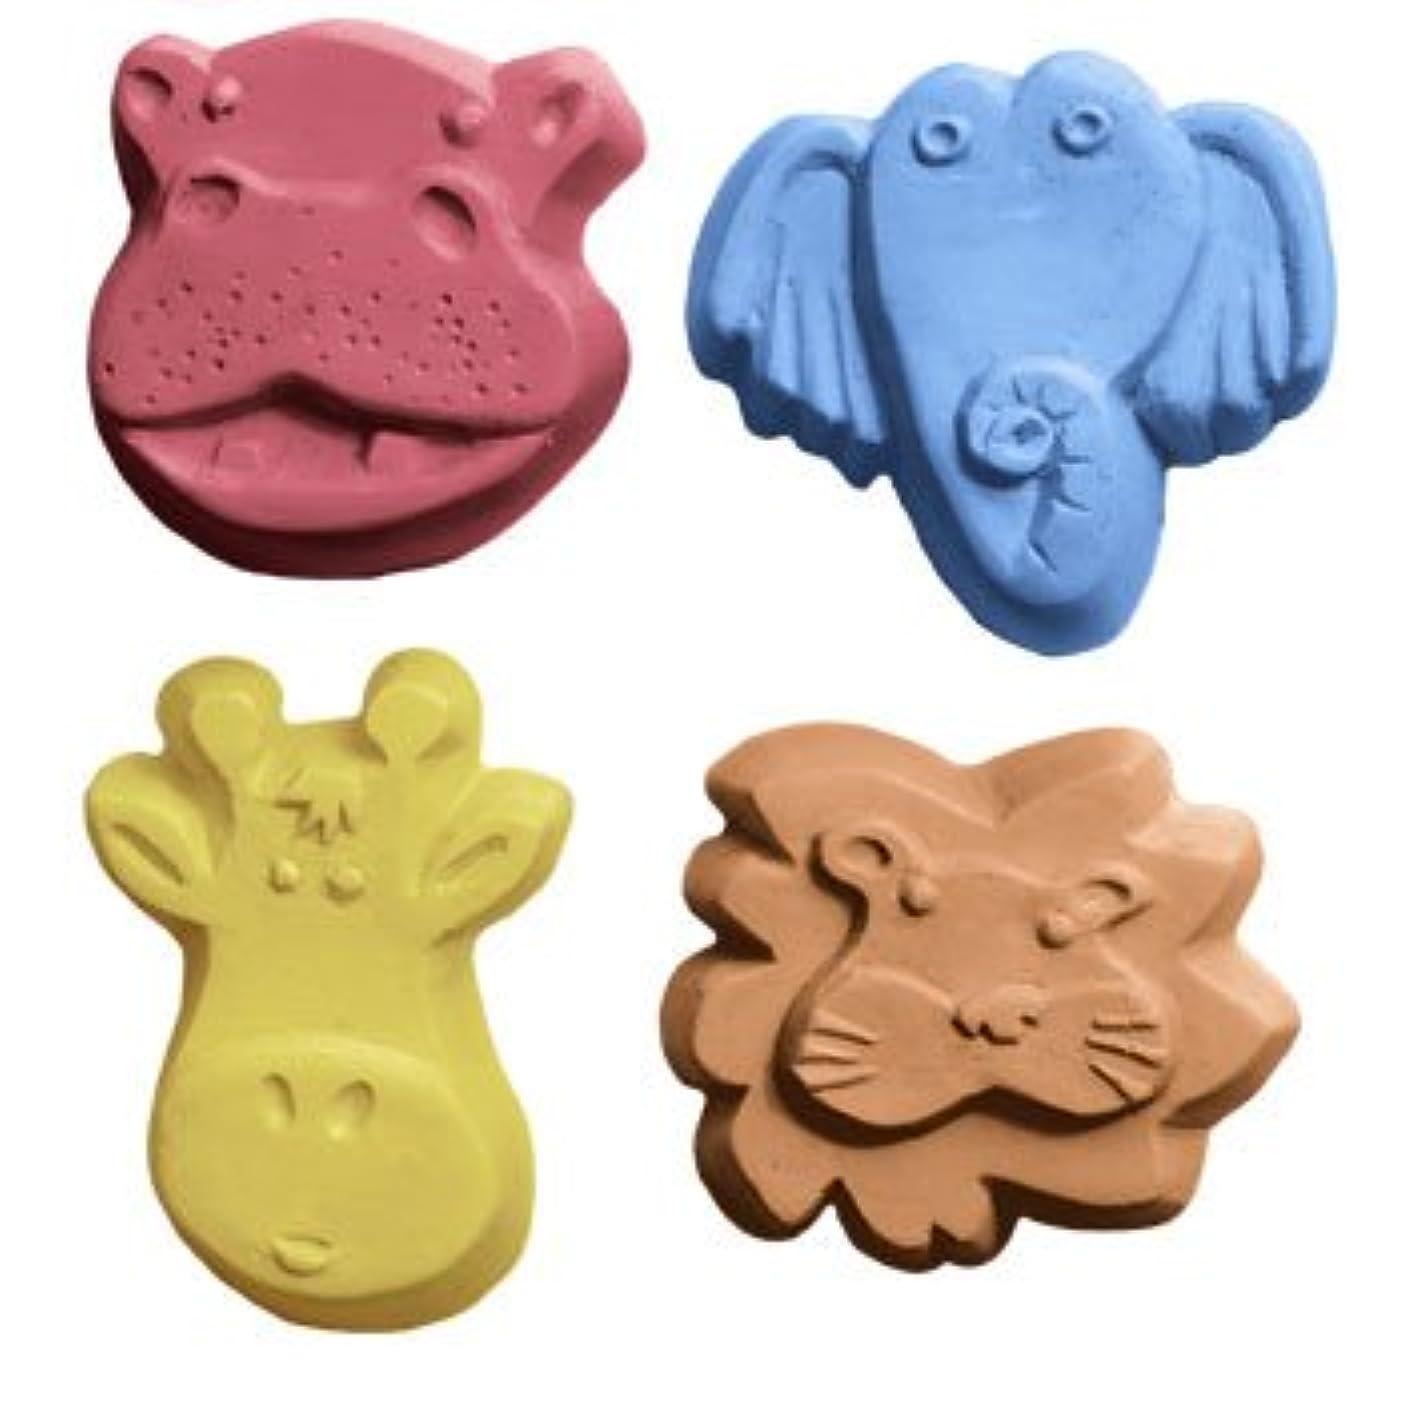 ミルキーウェイ キッズクリッター[カバ、ライオン、キリン、ゾウ] 【ソープモールド/石鹸型/シートモールド】